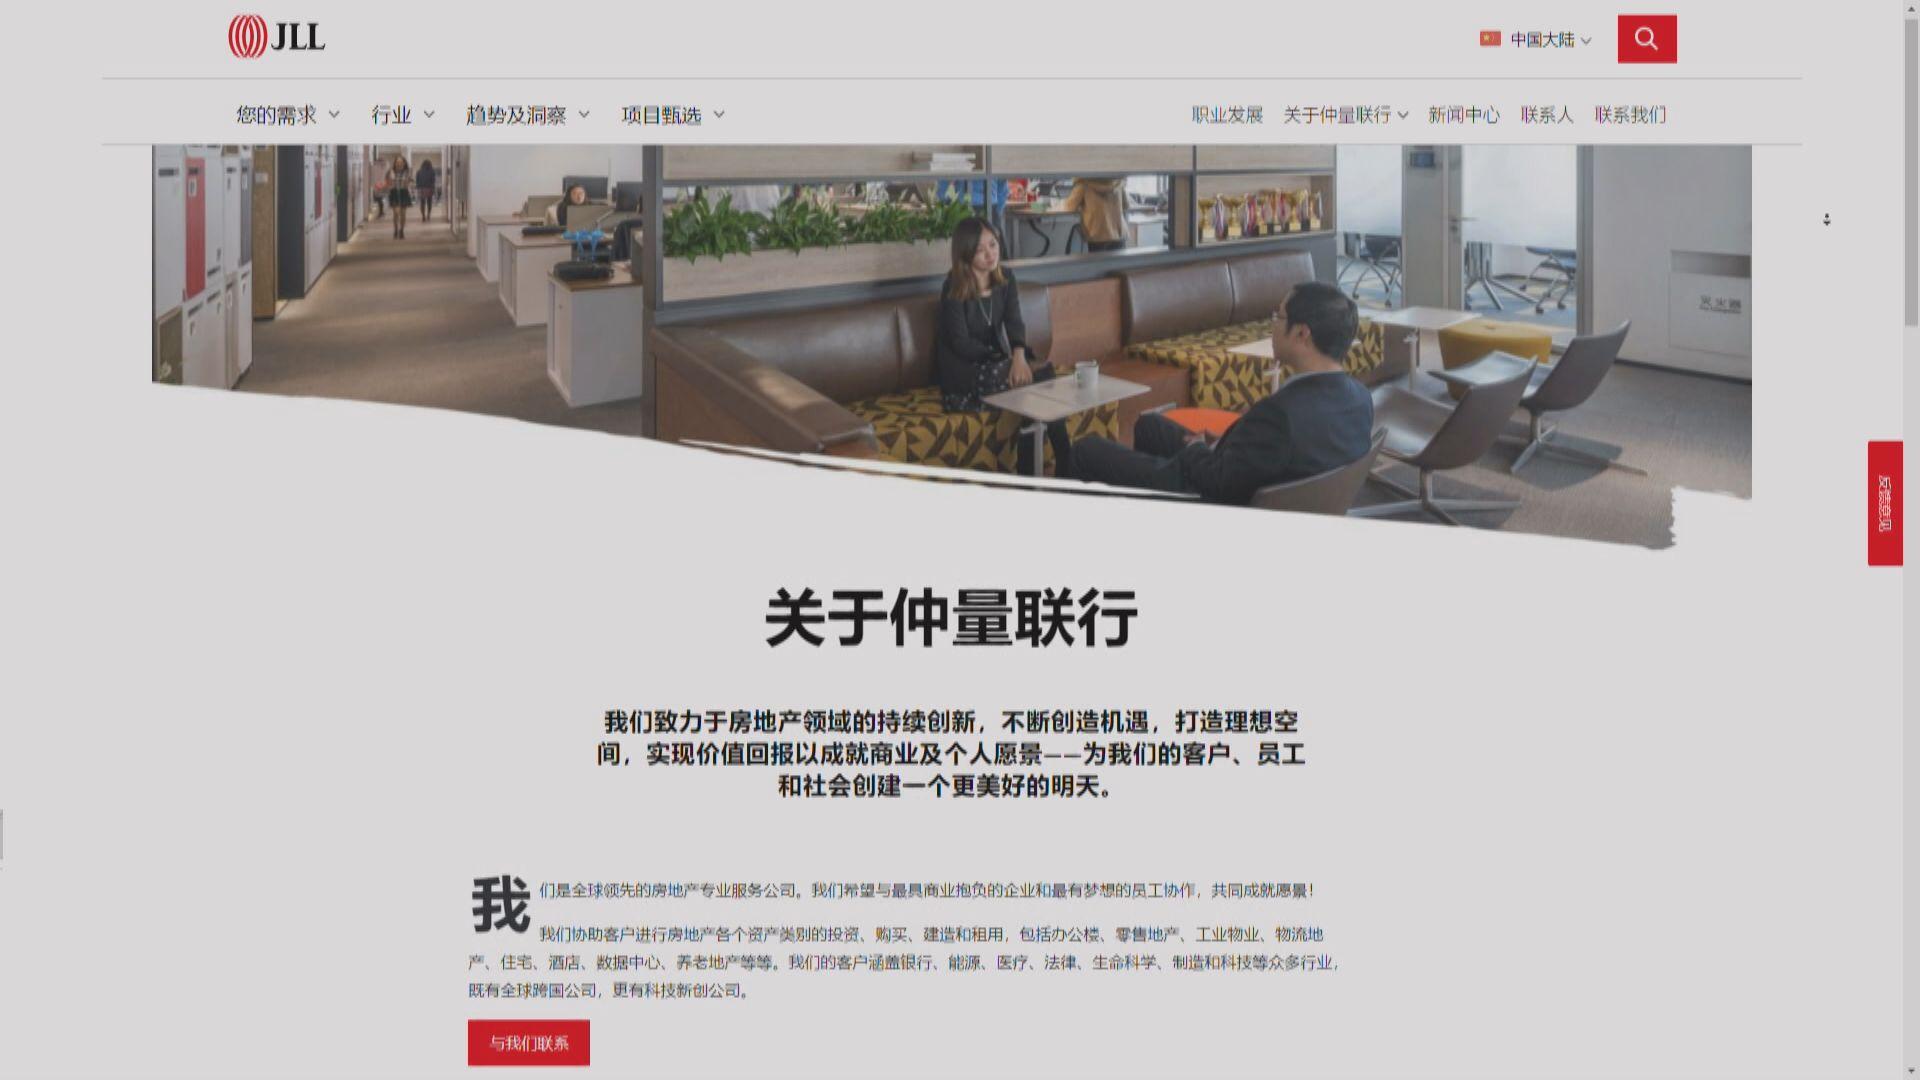 彭博:仲量聯行擬售中國物管業務